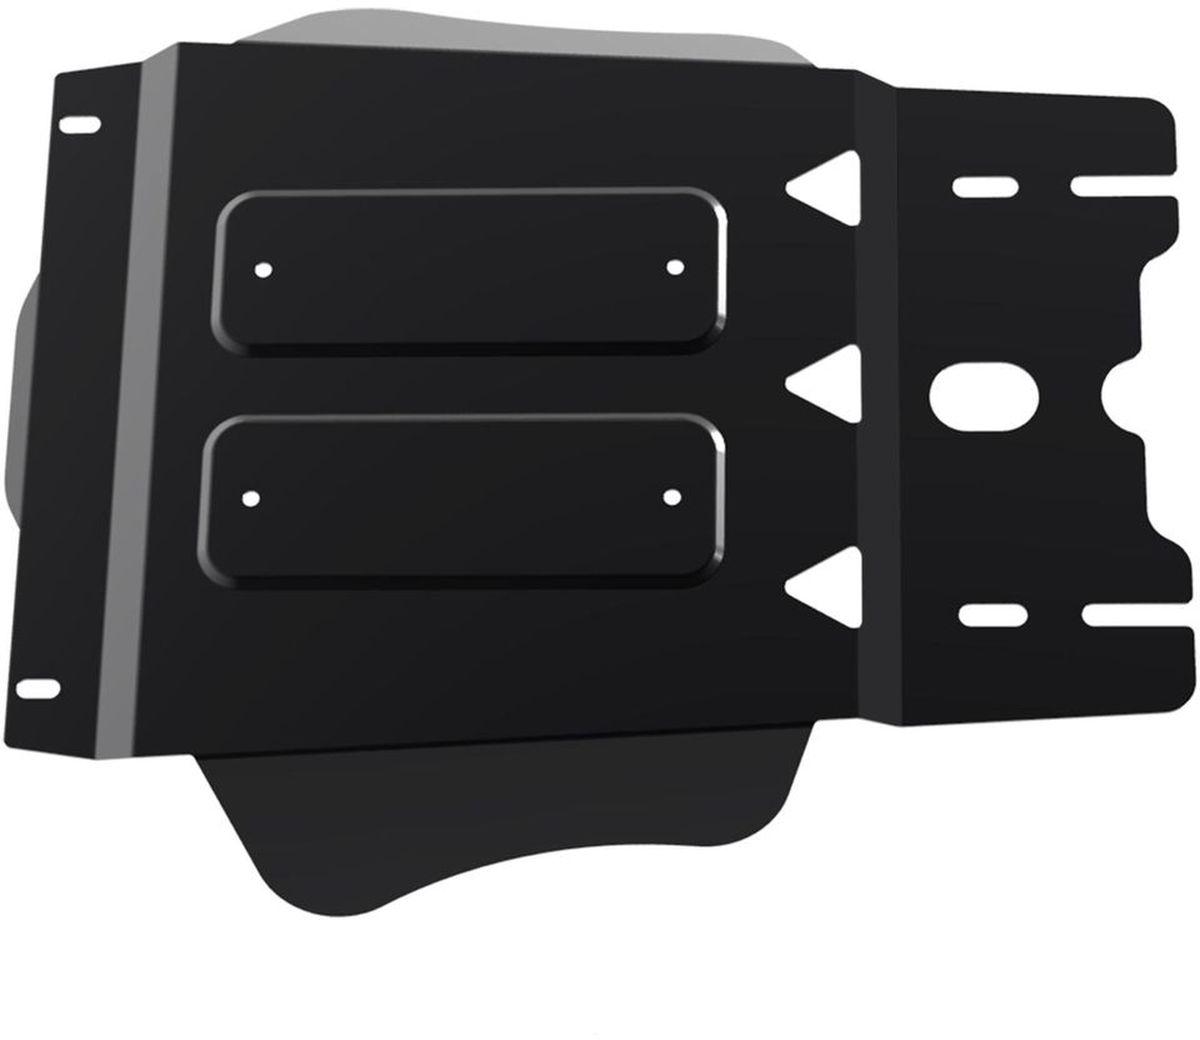 Защита КПП Автоброня, для Volkswagen Touareg, V - 2,5; 3,0; 3,6; 4,2; 6,0 (2006-2009)1004900000360Технологически совершенный продукт за невысокую стоимость.Защита разработана с учетом особенностей днища автомобиля, что позволяет сохранить дорожный просвет с минимальным изменением.Защита устанавливается в штатные места кузова автомобиля. Глубокий штамп обеспечивает до двух раз больше жесткости в сравнении с обычной защитой той же толщины. Проштампованные ребра жесткости препятствуют деформации защиты при ударах.Тепловой зазор и вентиляционные отверстия обеспечивают сохранение температурного режима двигателя в норме. Скрытый крепеж предотвращает срыв крепежных элементов при наезде на препятствие.Шумопоглощающие резиновые элементы обеспечивают комфортную езду без вибраций и скрежета металла, а съемные лючки для слива масла и замены фильтра - экономию средств и время.Конструкция изделия не влияет на пассивную безопасность автомобиля (при ударе защита не воздействует на деформационные зоны кузова). Со штатным крепежом. В комплекте инструкция по установке.Толщина стали: 2 мм.Уважаемые клиенты!Обращаем ваше внимание, что элемент защиты имеет форму, соответствующую модели данного автомобиля. Фото служит для визуального восприятия товара и может отличаться от фактического.